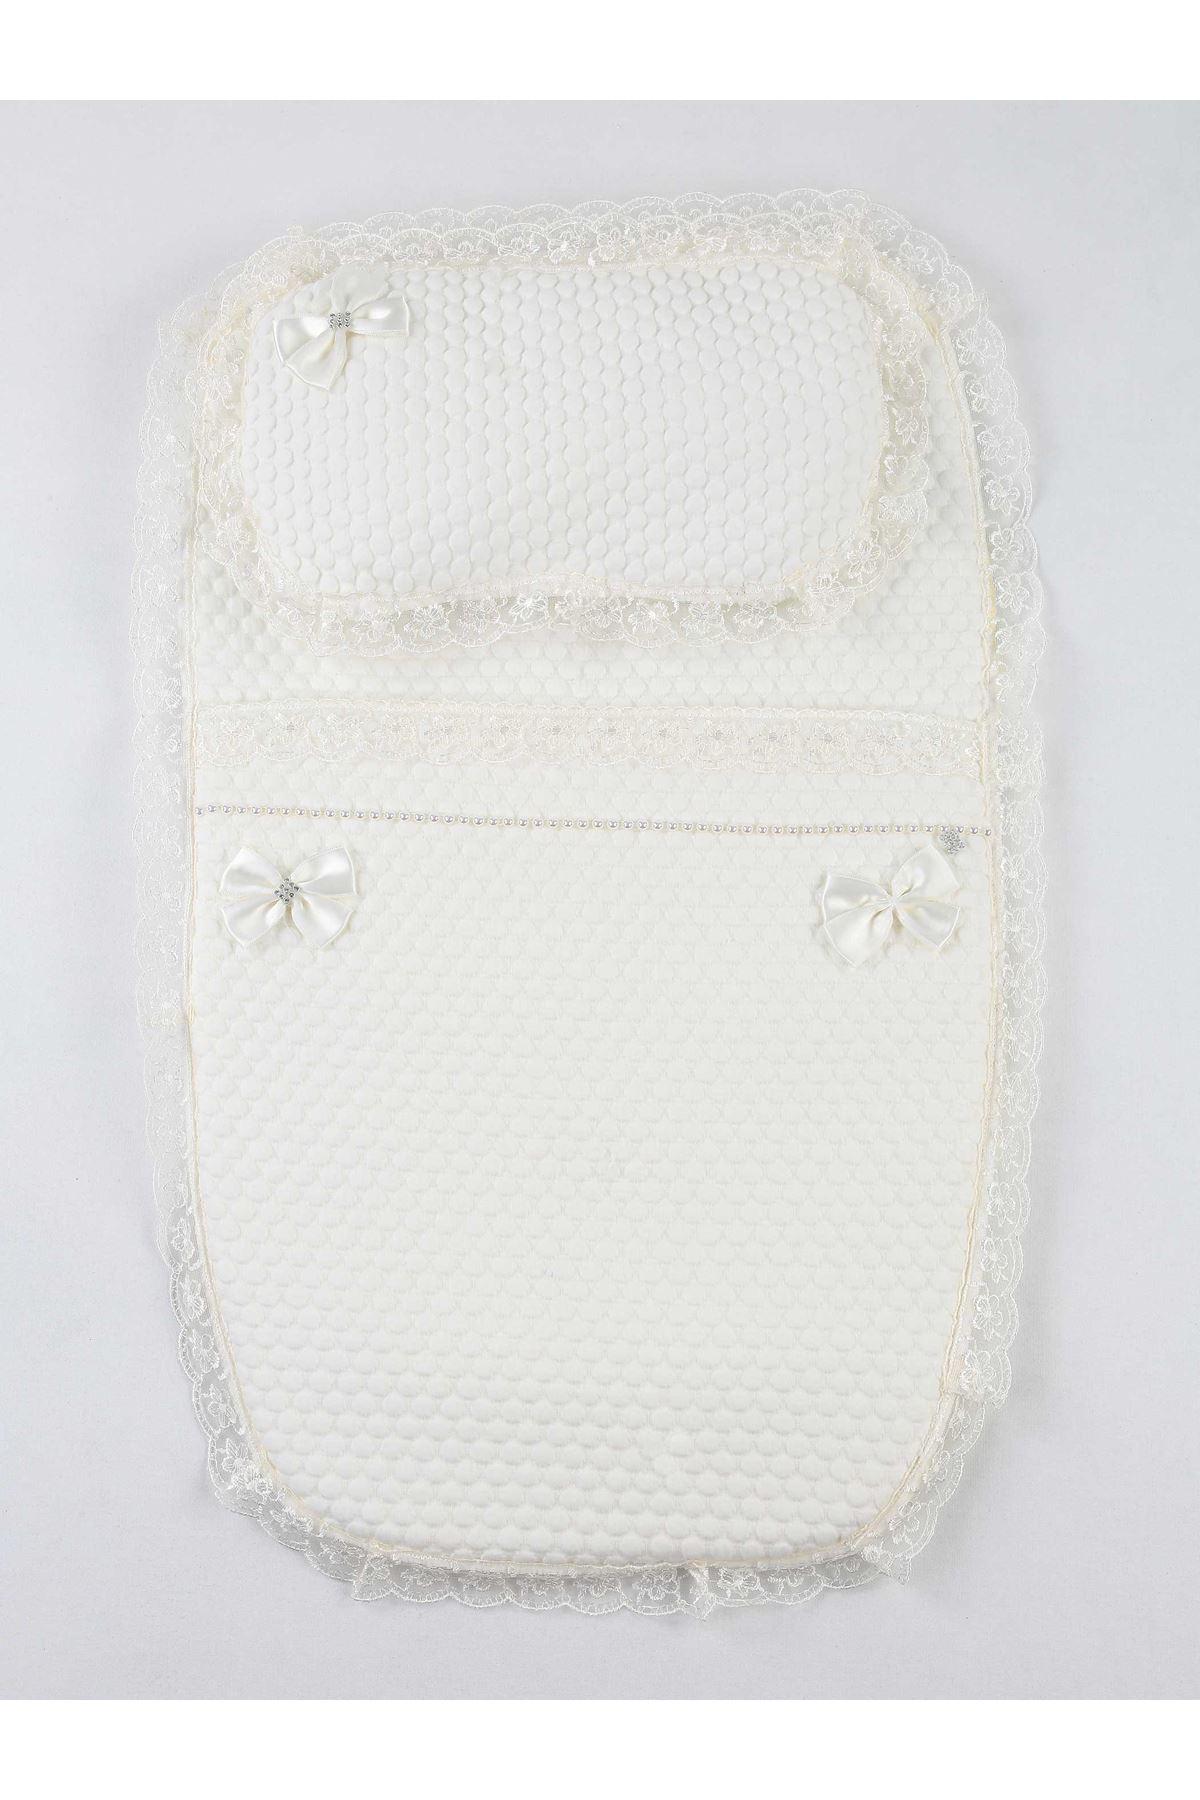 White Baby Swaddle Bottom Opening